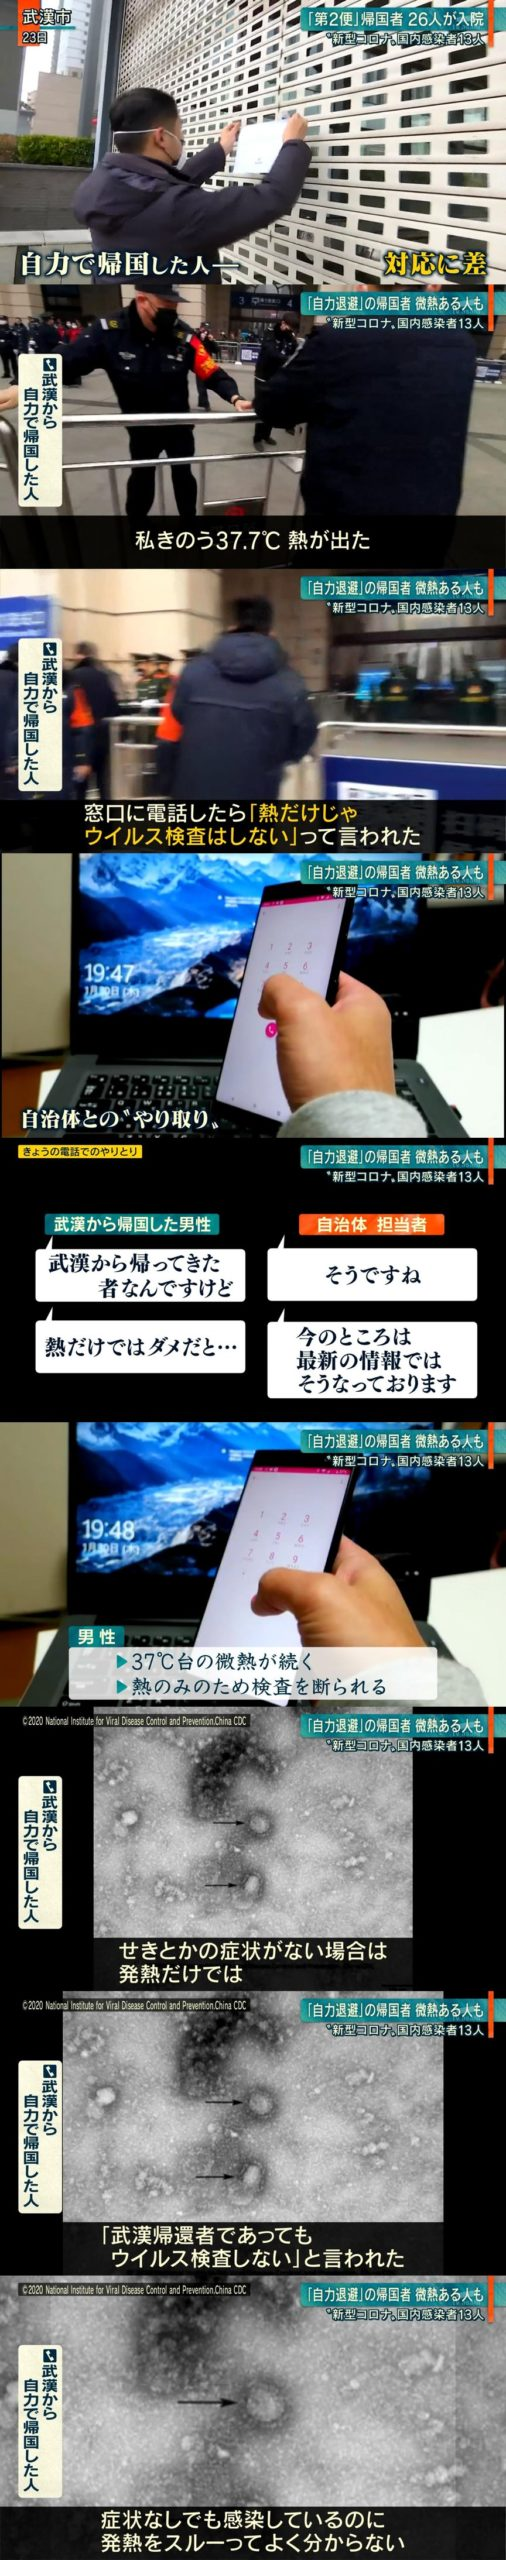 【日本政府】<新型肺炎>武漢から自力帰国した日本人は隔離対象外 37.7℃の発熱で検査申出しても検査拒否